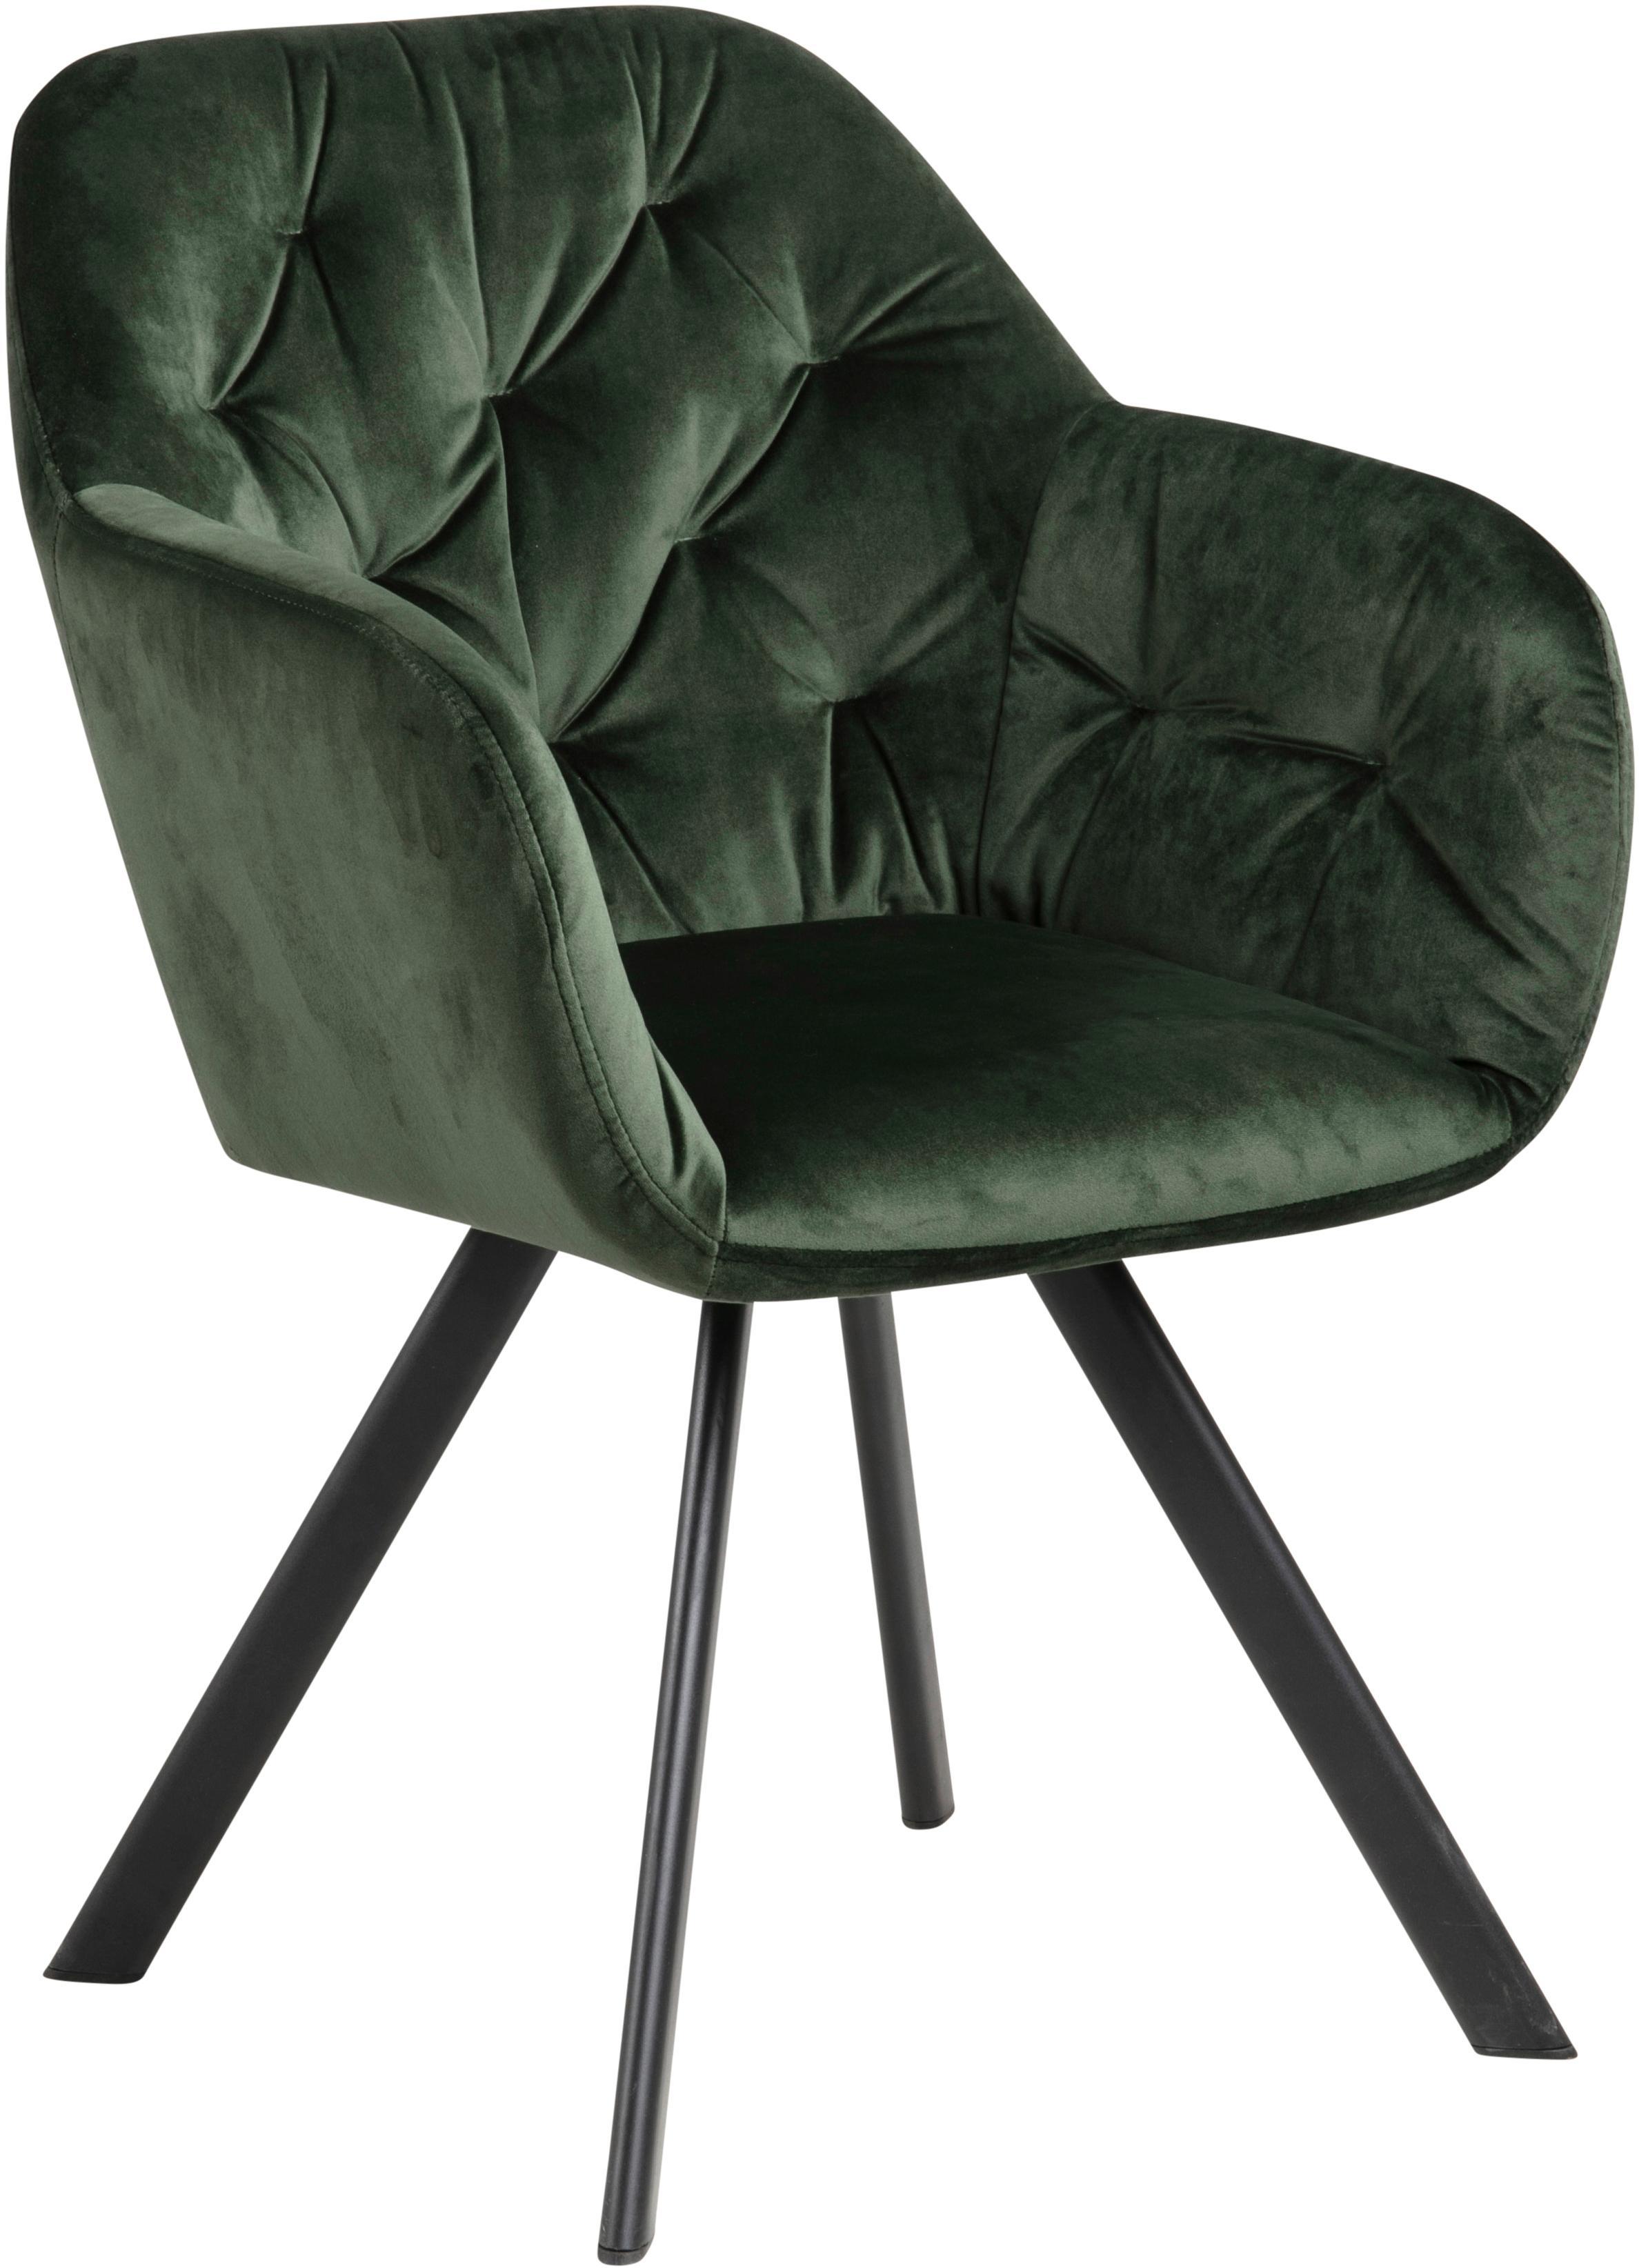 Fluwelen armstoel Lucie, Polyester fluweel, metaal, Bosgroen, zwart, B 58 x D 62 cm